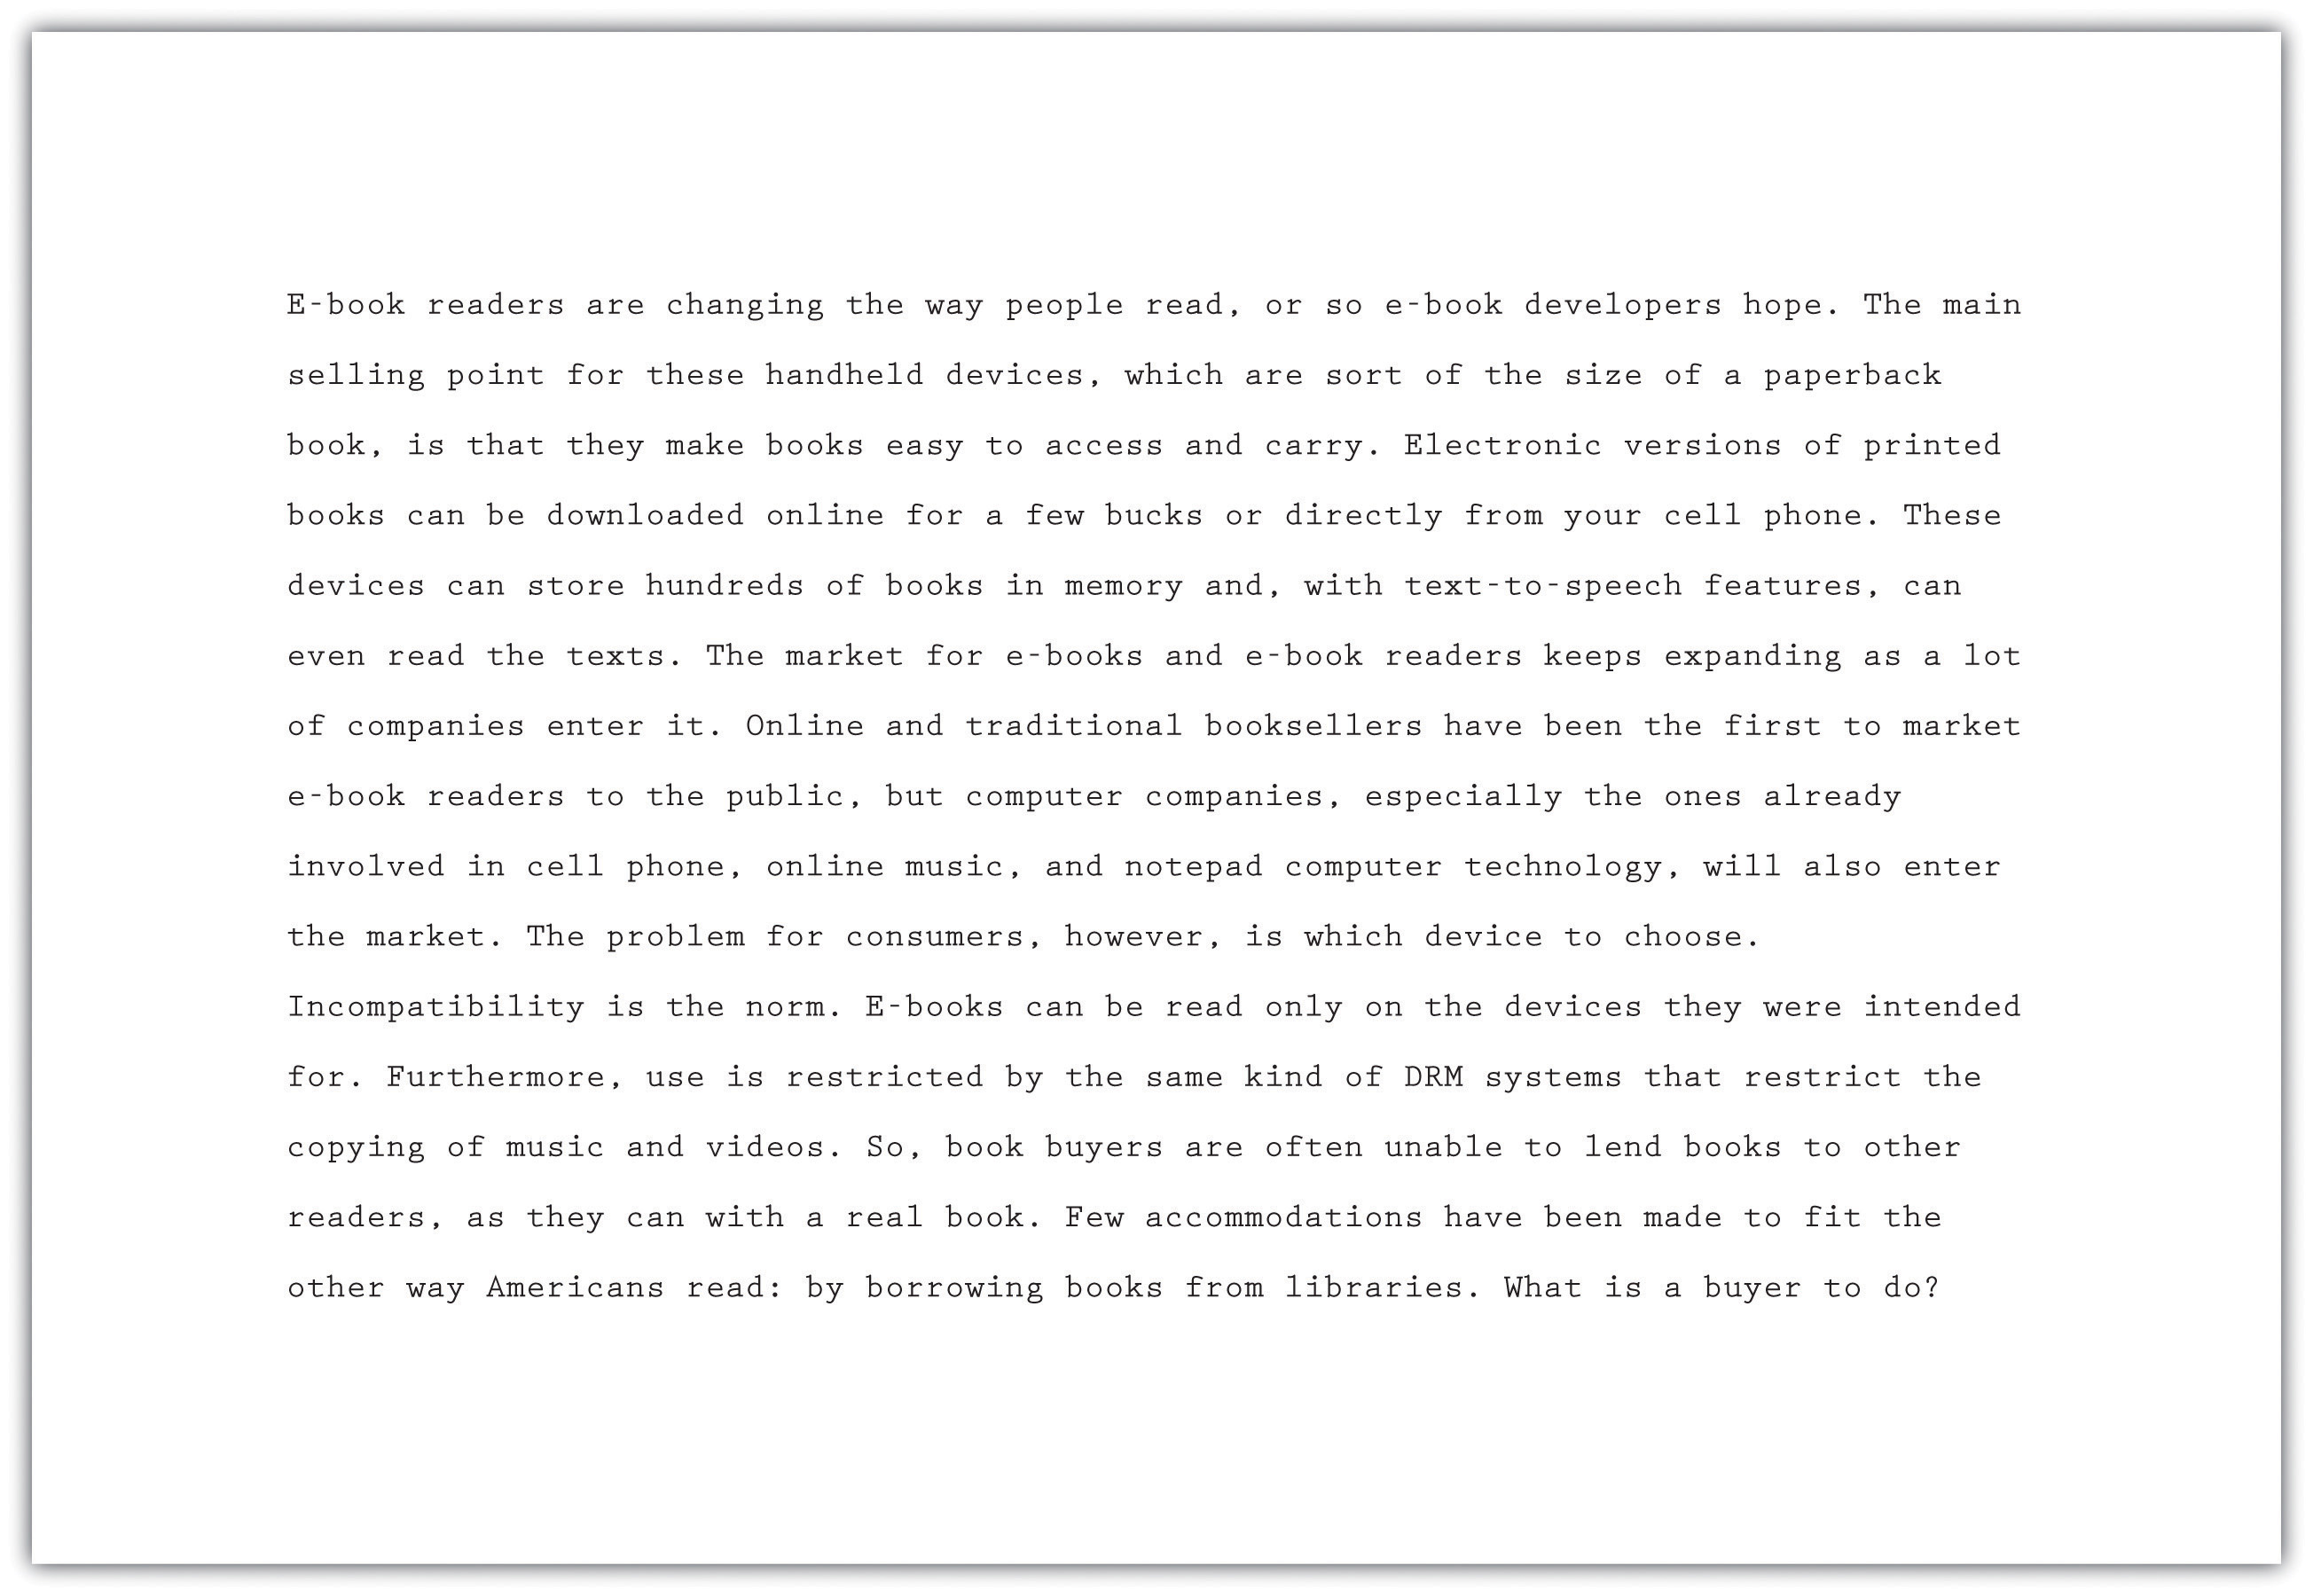 011 Essay Example Good Persuasive Amazing Topics For College Argumentative High School Full